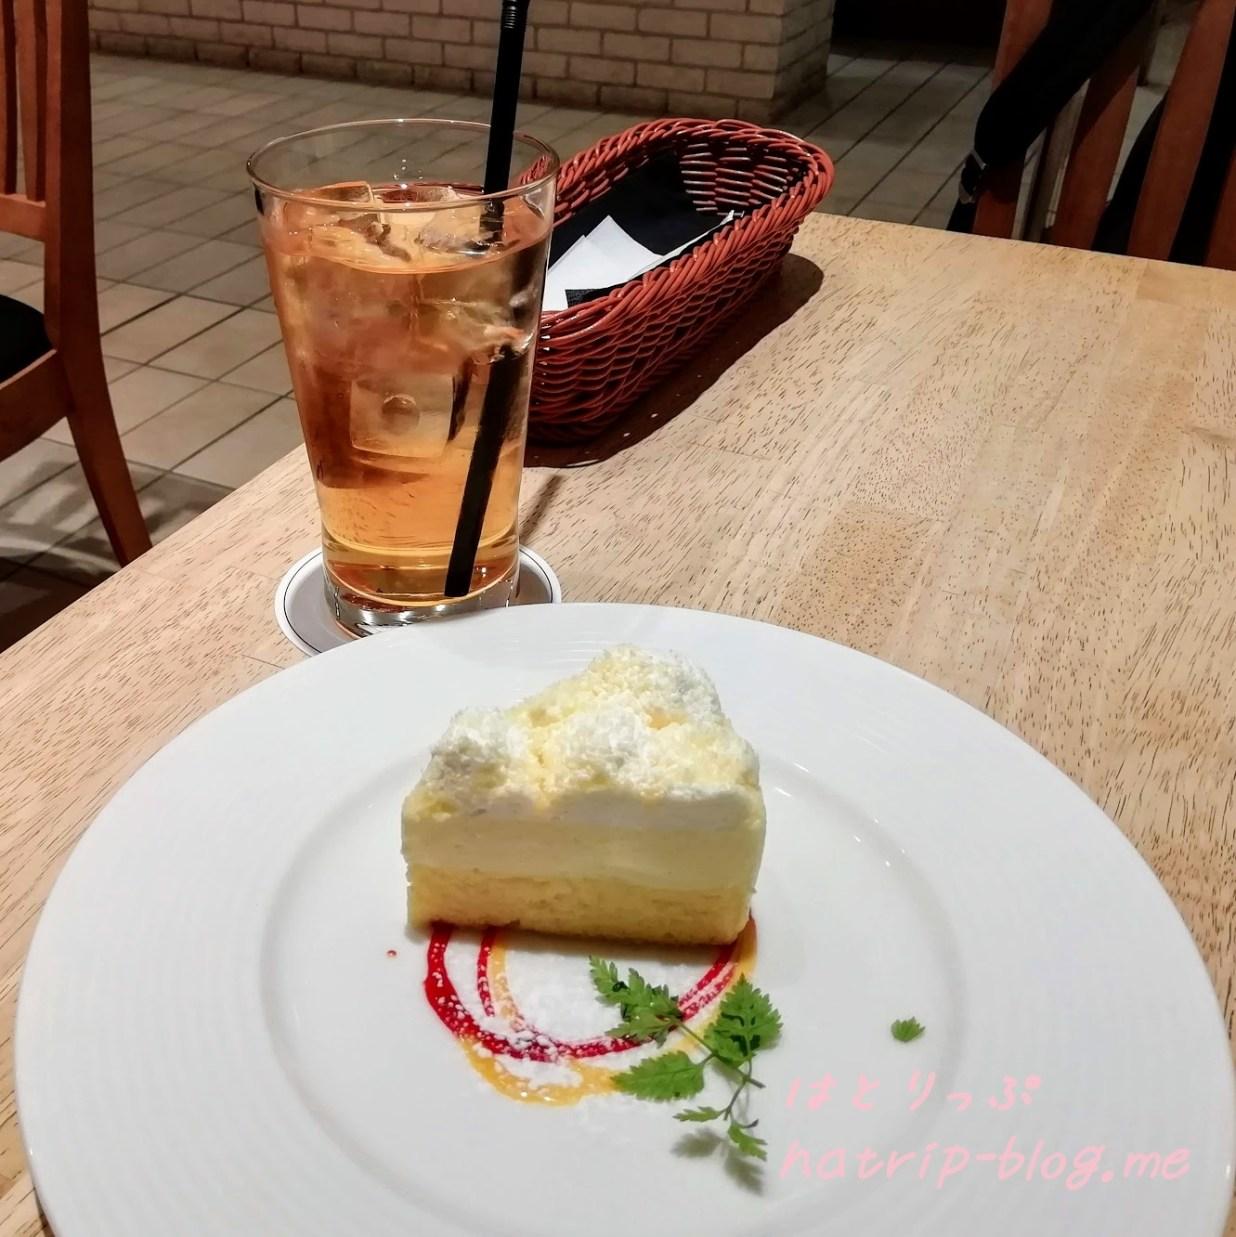 北海道 小樽 ルタオ パトス カフェ ドゥーブルフロマージュ